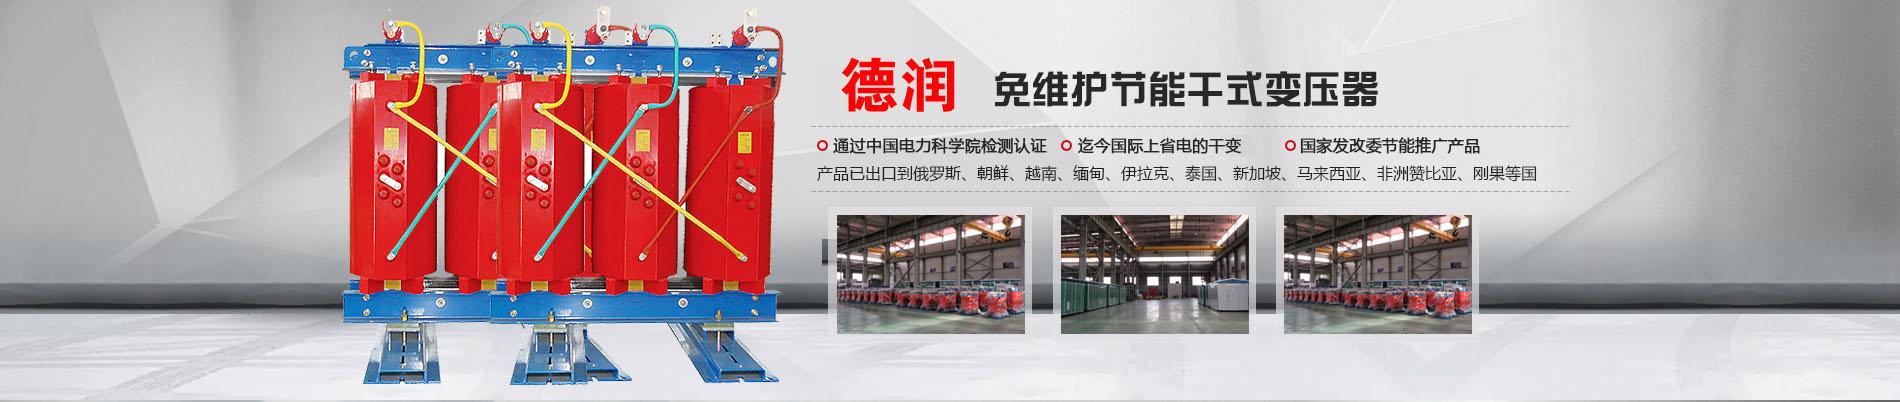 南平干式变压器厂家